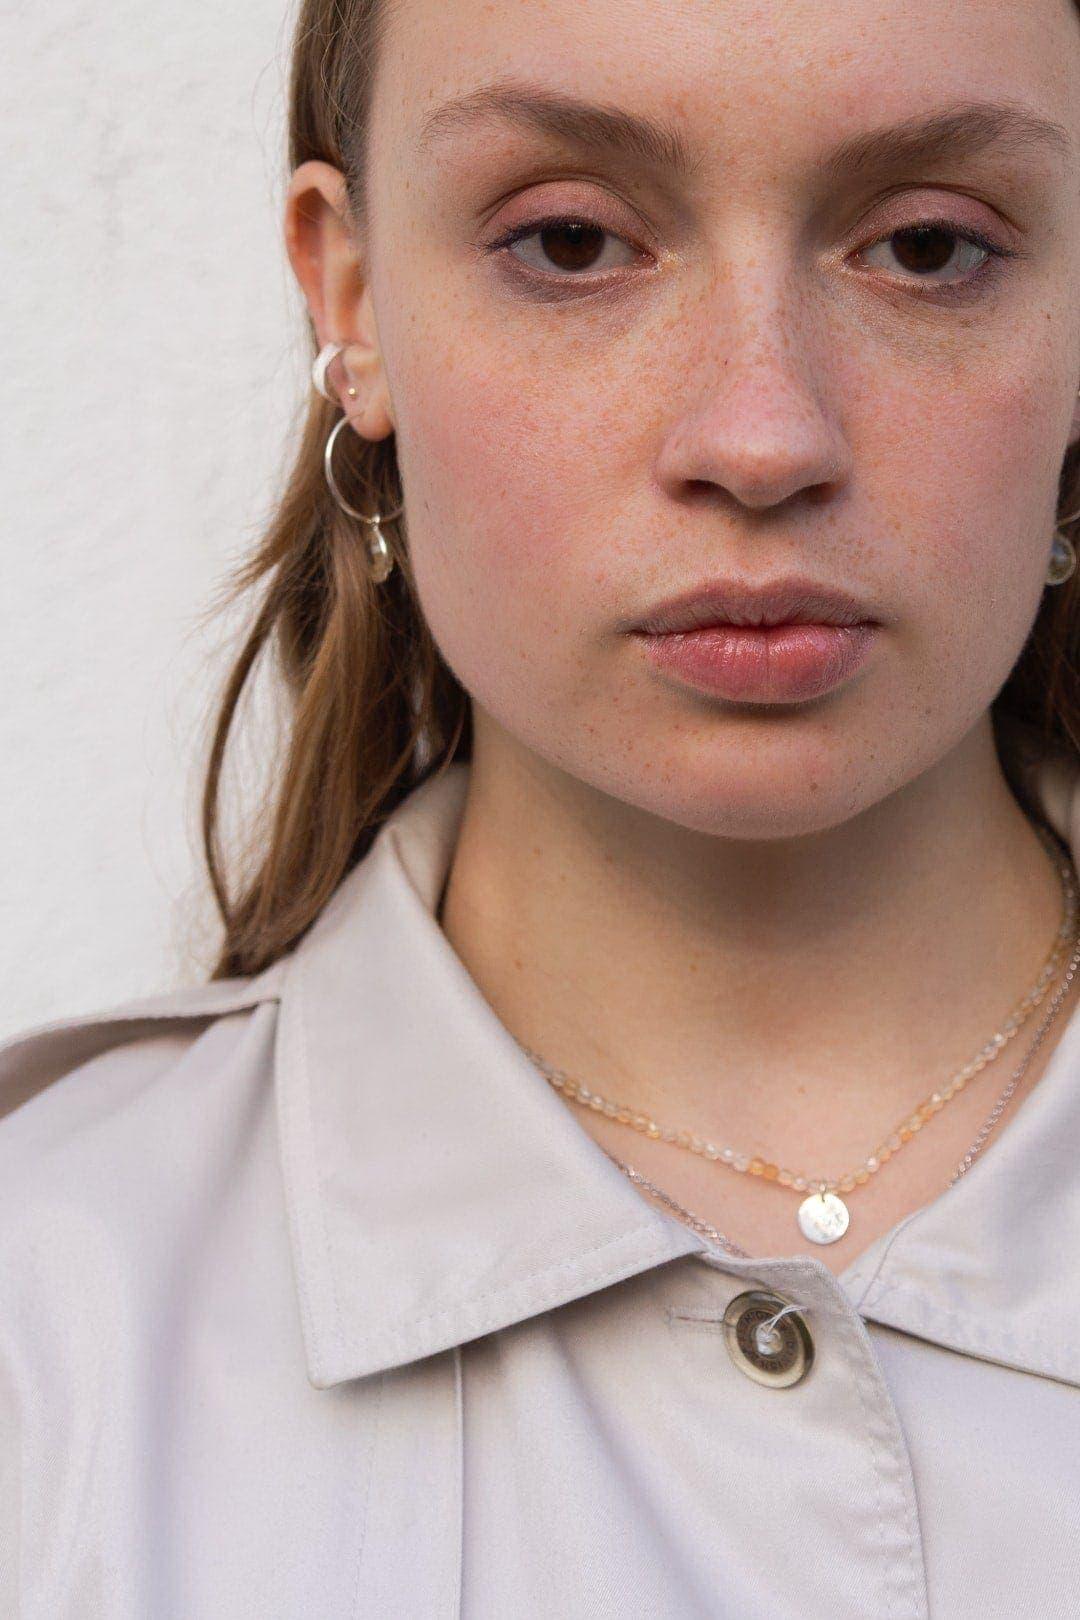 Modelka prezentuje biżuterię autorską z personalizowanym grawerem.